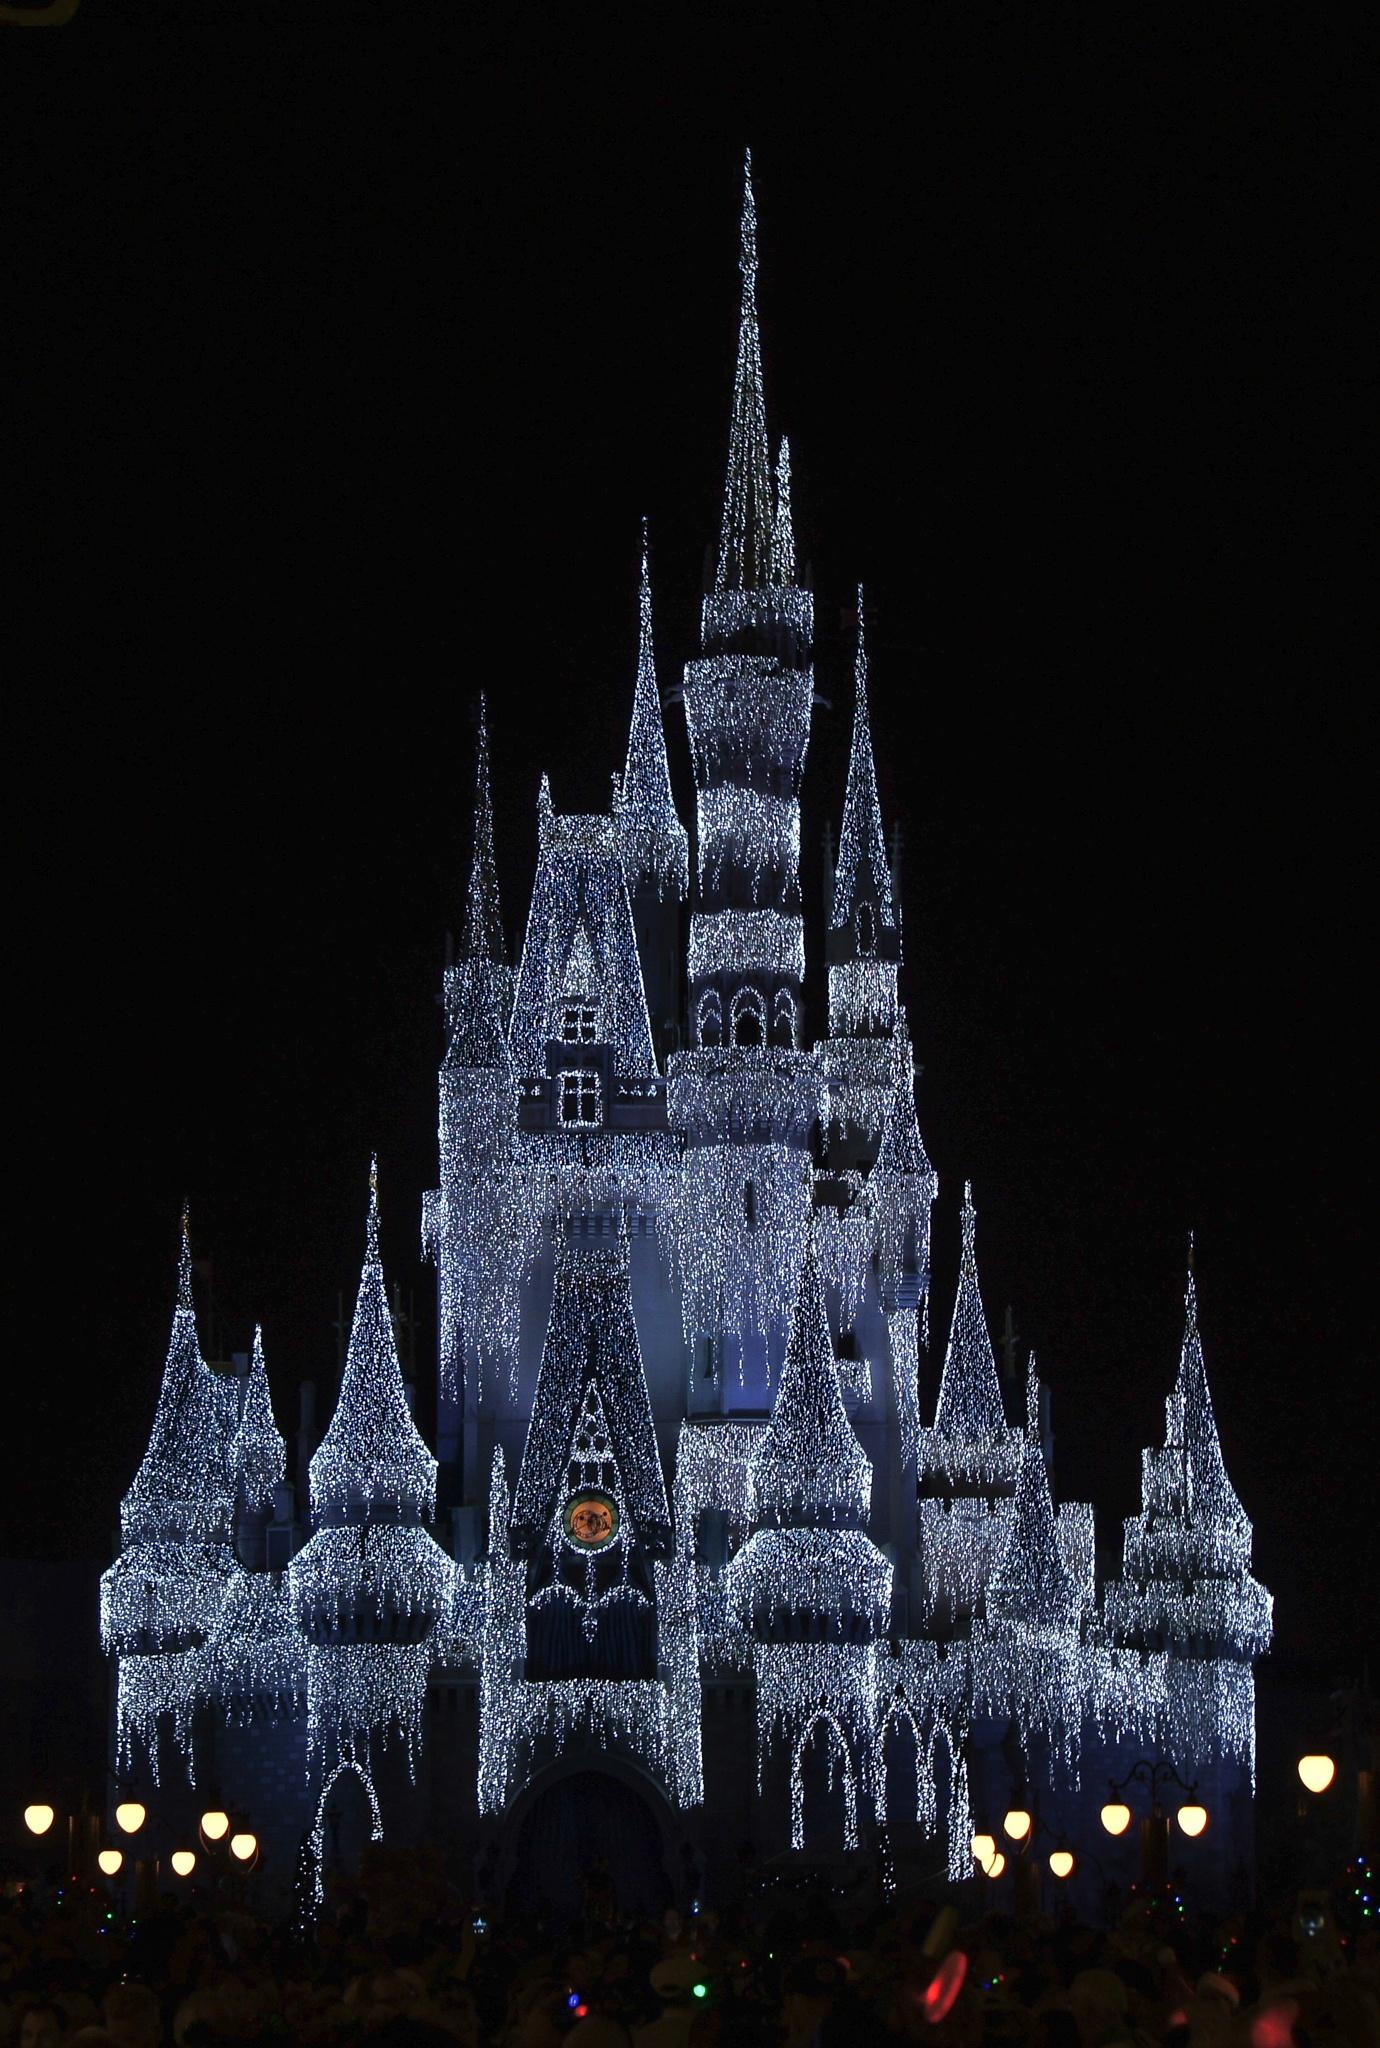 Christmas Castle by John Alava